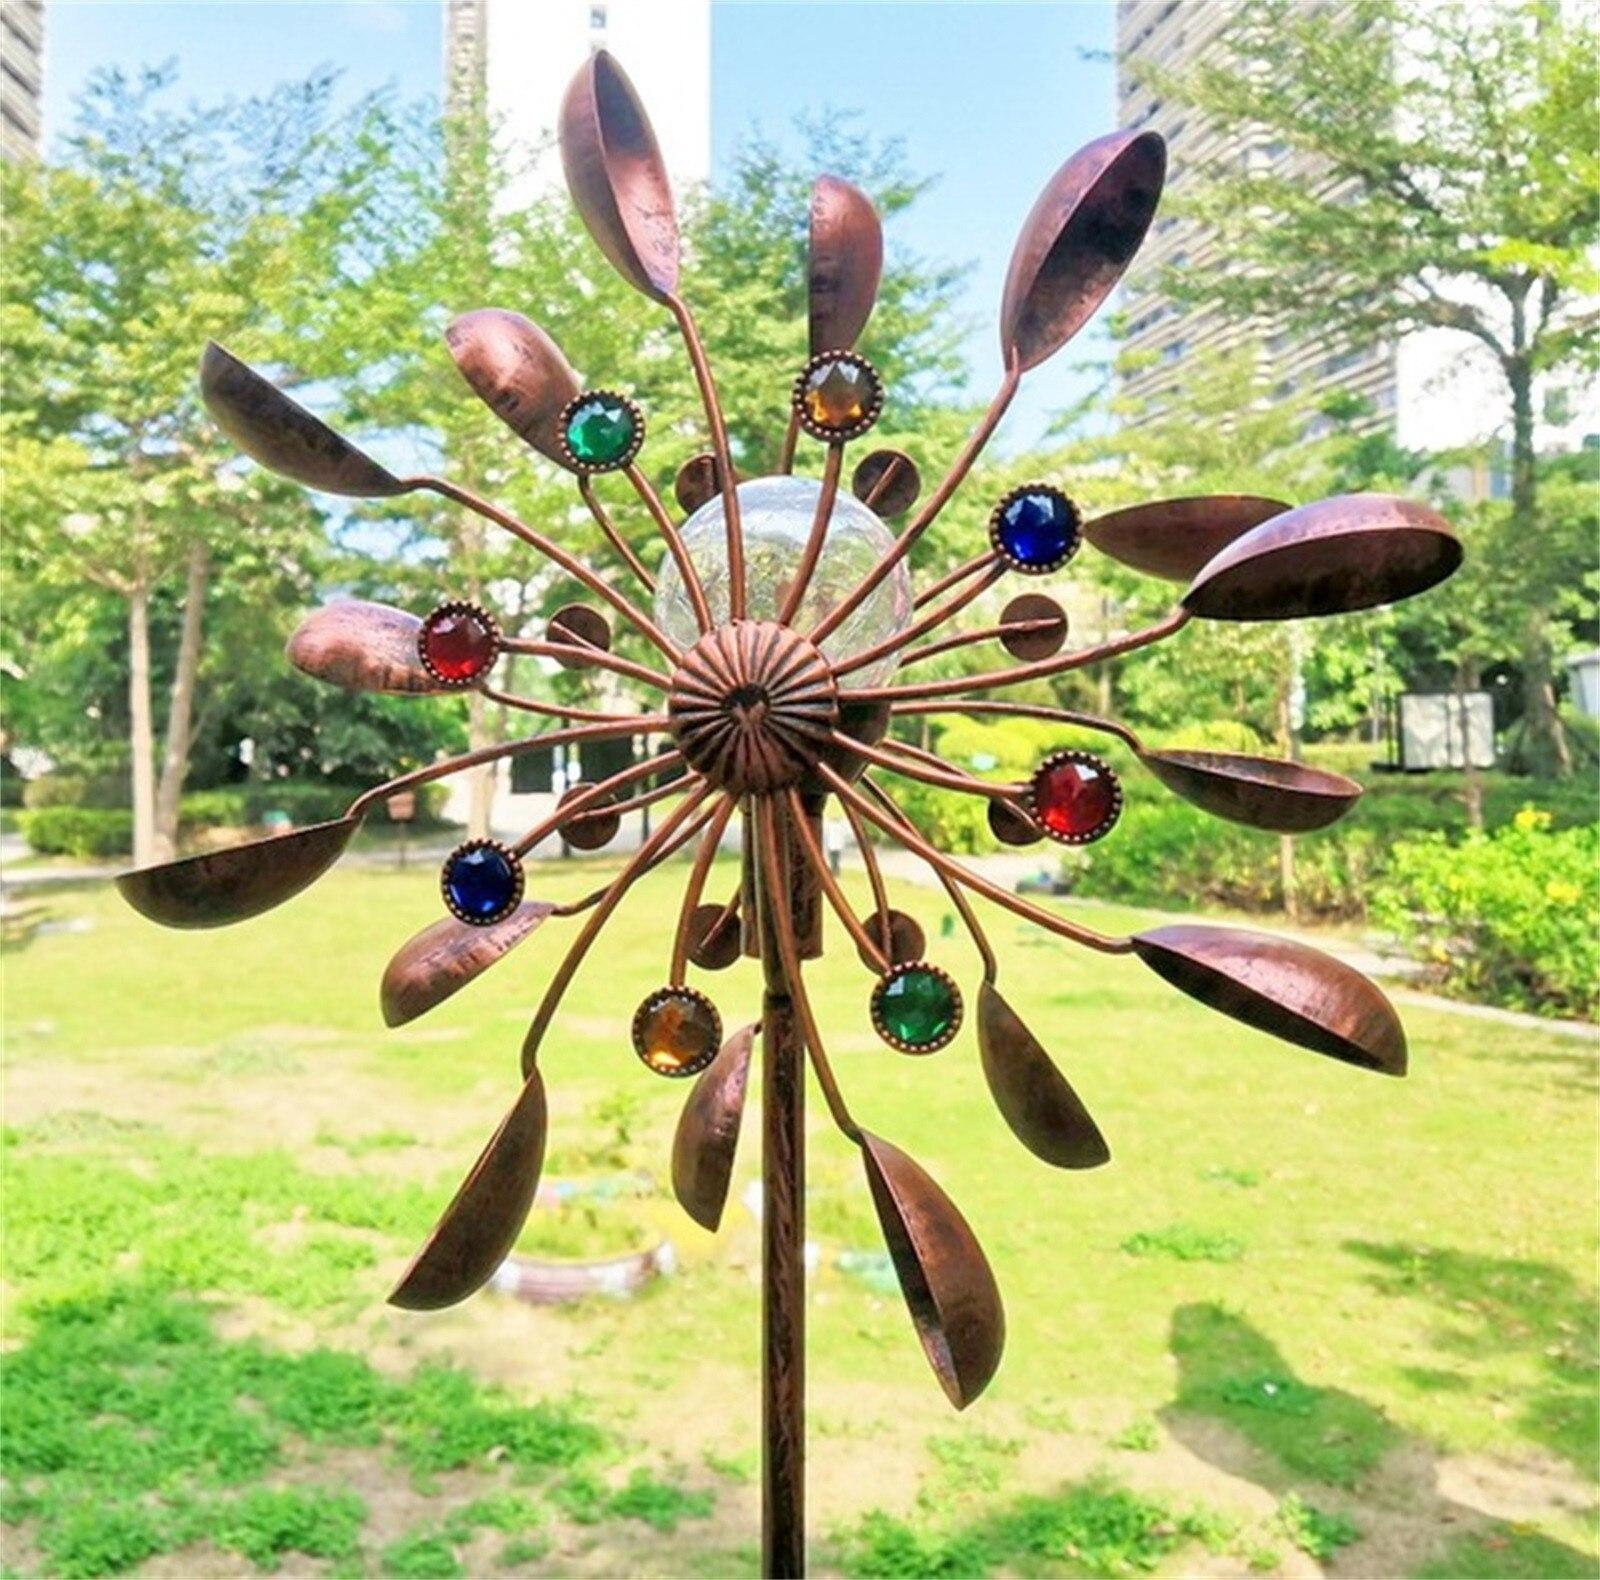 طاحونة حديقة كبيرة معدنية الشمسية الرياح سبينر LED في الهواء الطلق حديقة الحديقة ديكور النحت الرياح المغازل البستنة ديكورات للباحة